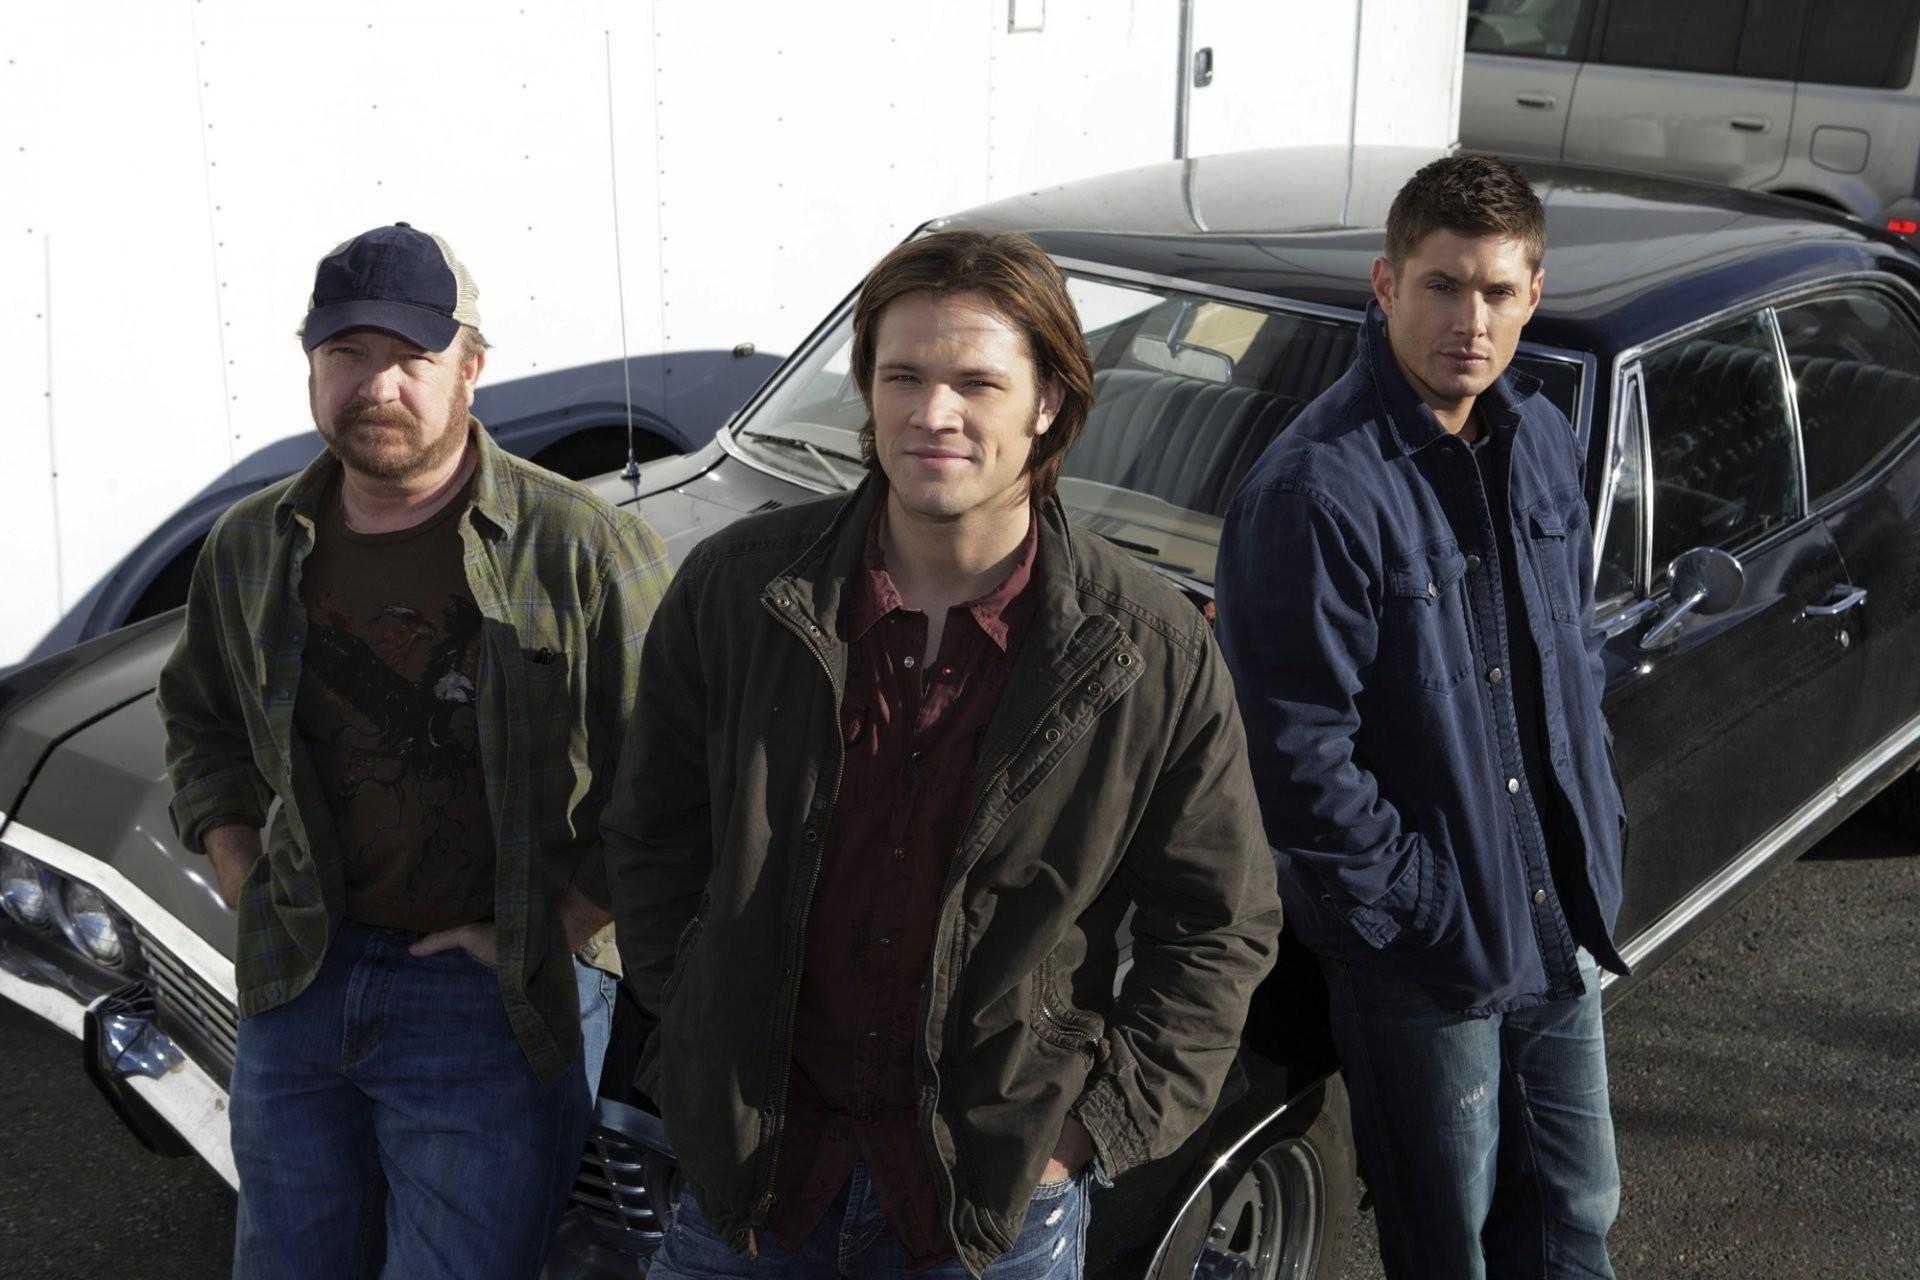 supernatural supernatural jared padalecki jensen ackles jared padalecki  jensen ackles actor tv series brothers sam winchester